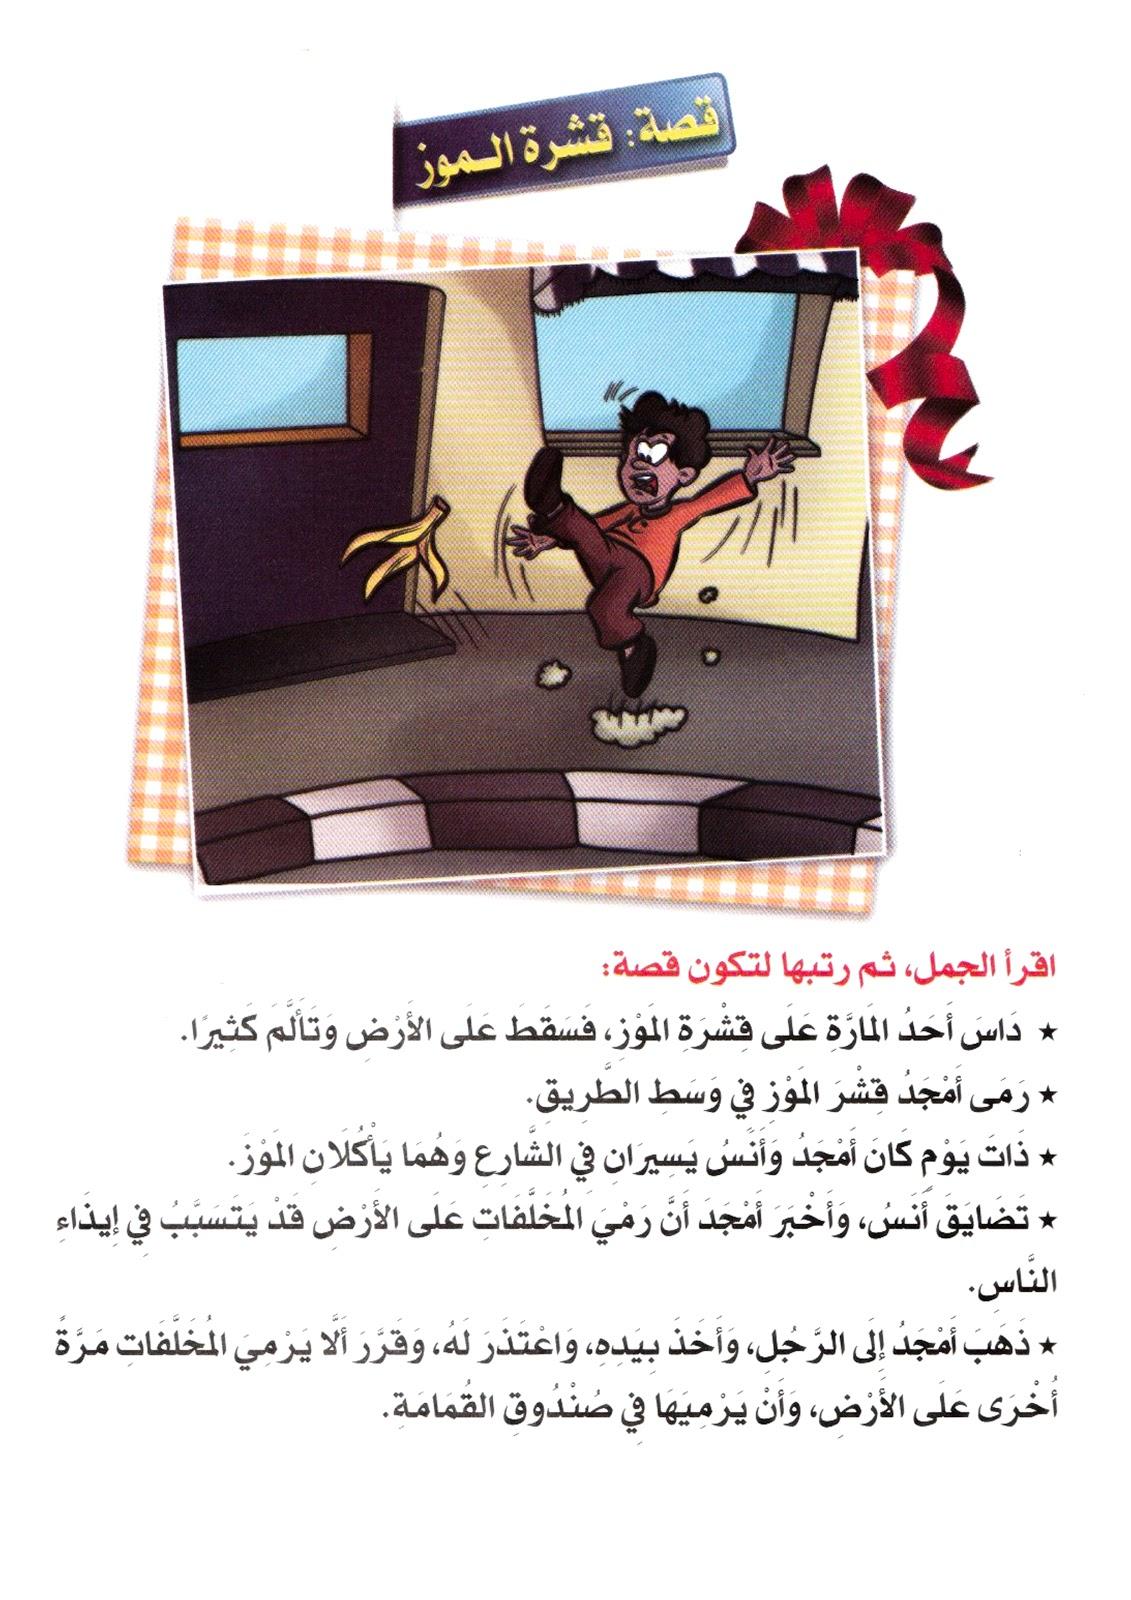 التراكيب الشائعة في اللغة العربية pdf